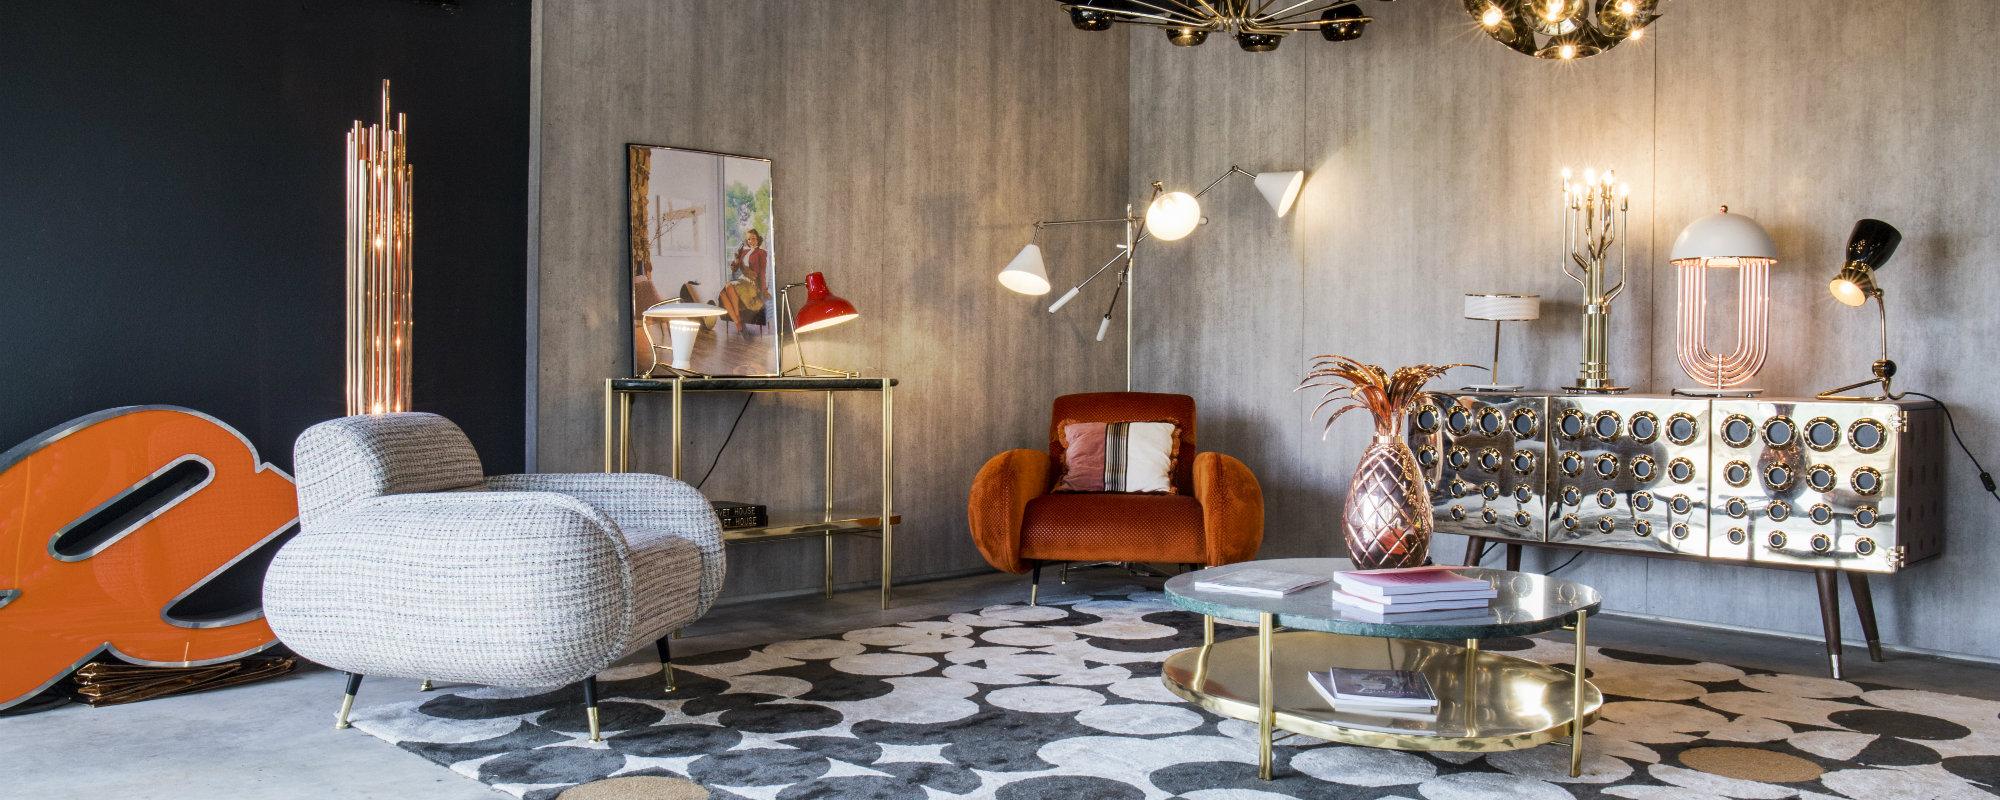 covet valley Covet Valley: Un showroom de medio siglo con piezas lujuosas Featured 9